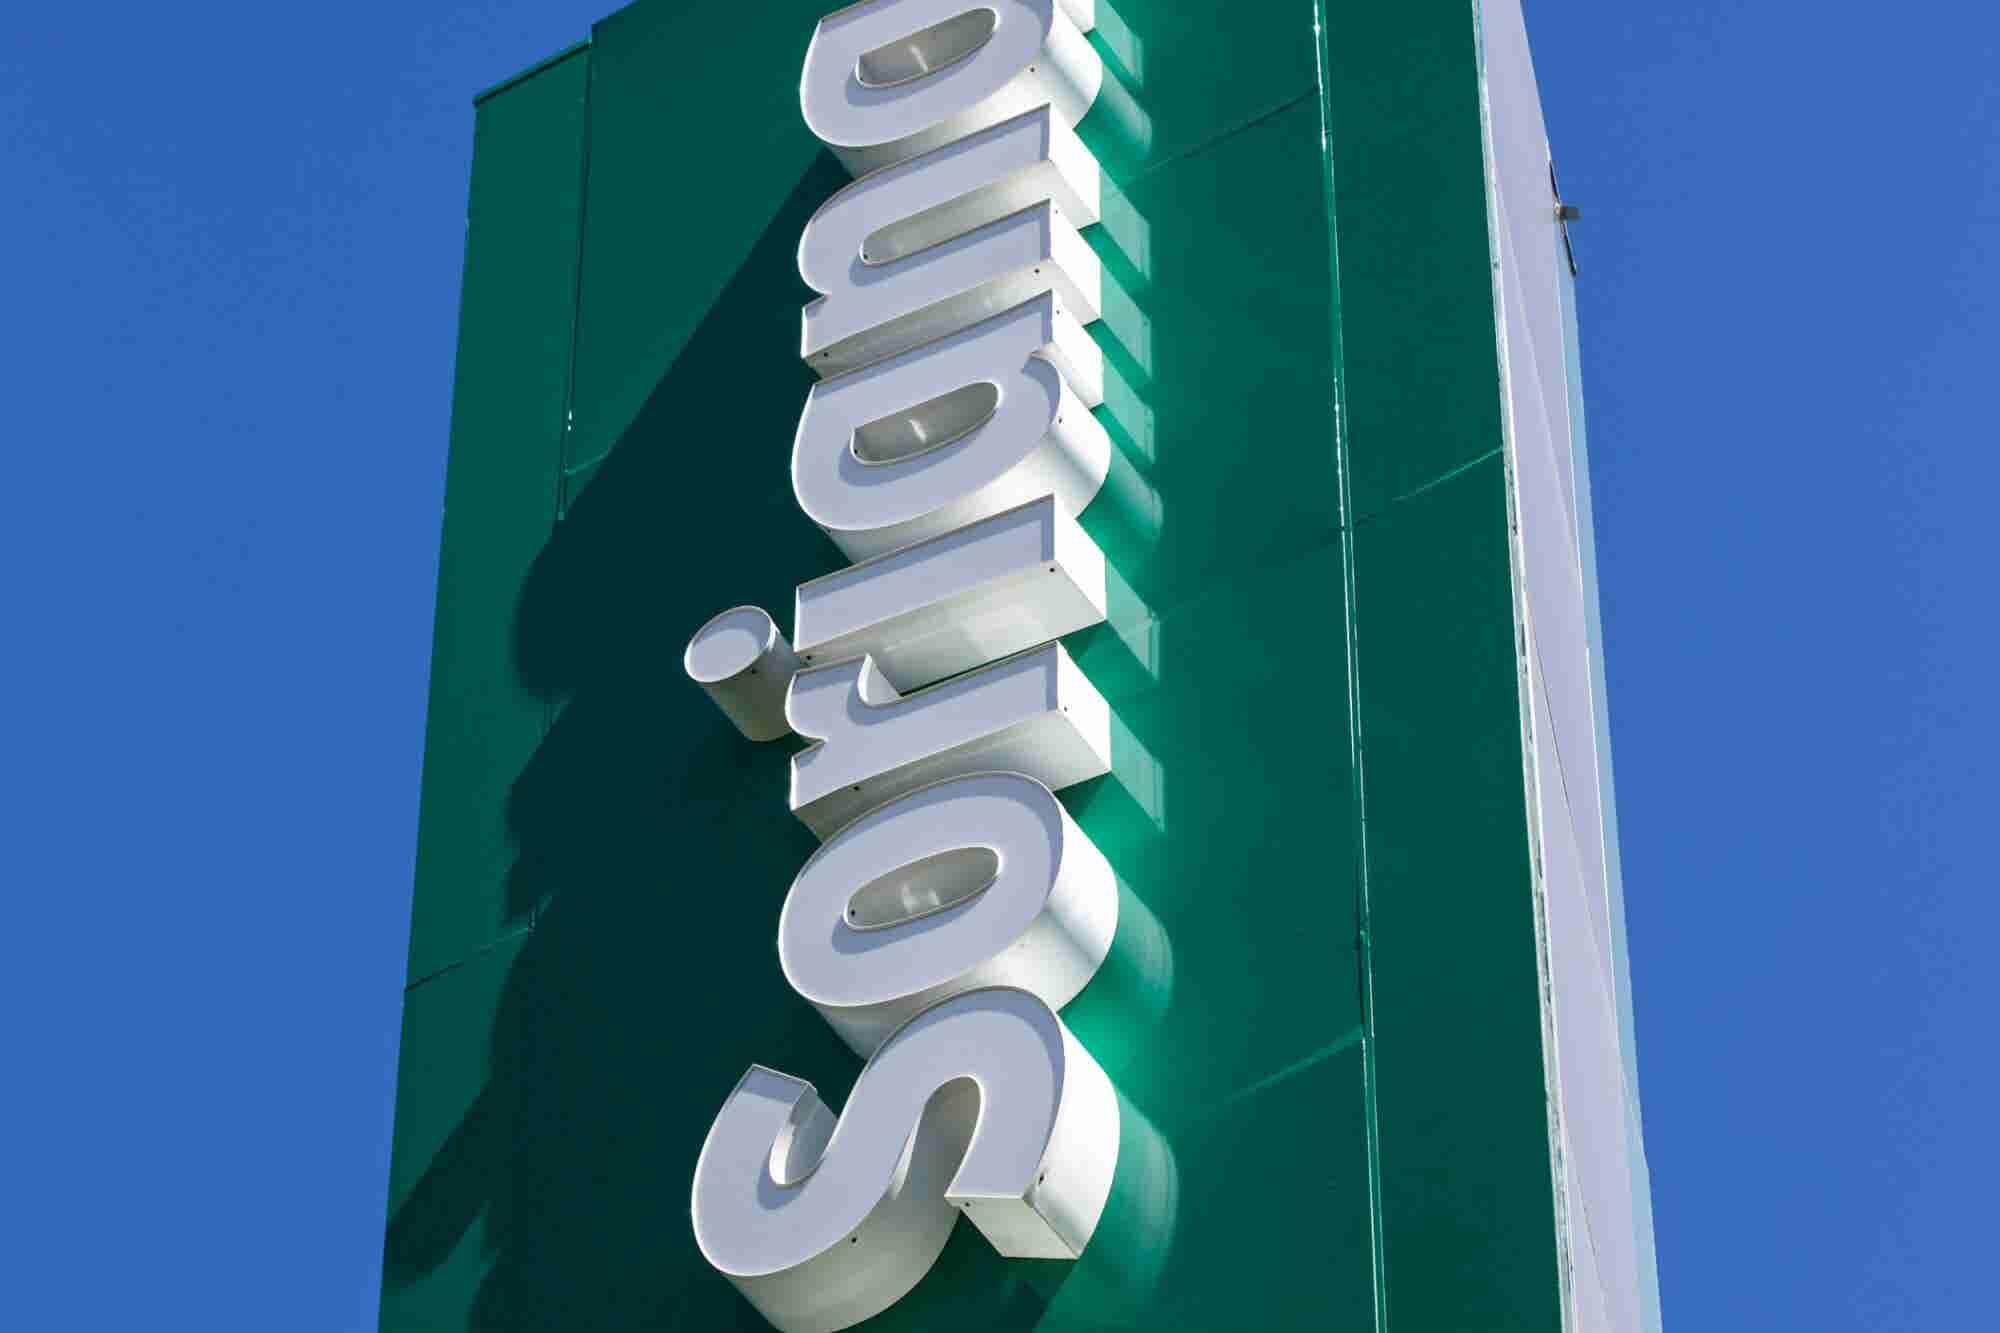 ¡Atención! Soriana ofrecerá WiFi gratis en todas sus tiendas